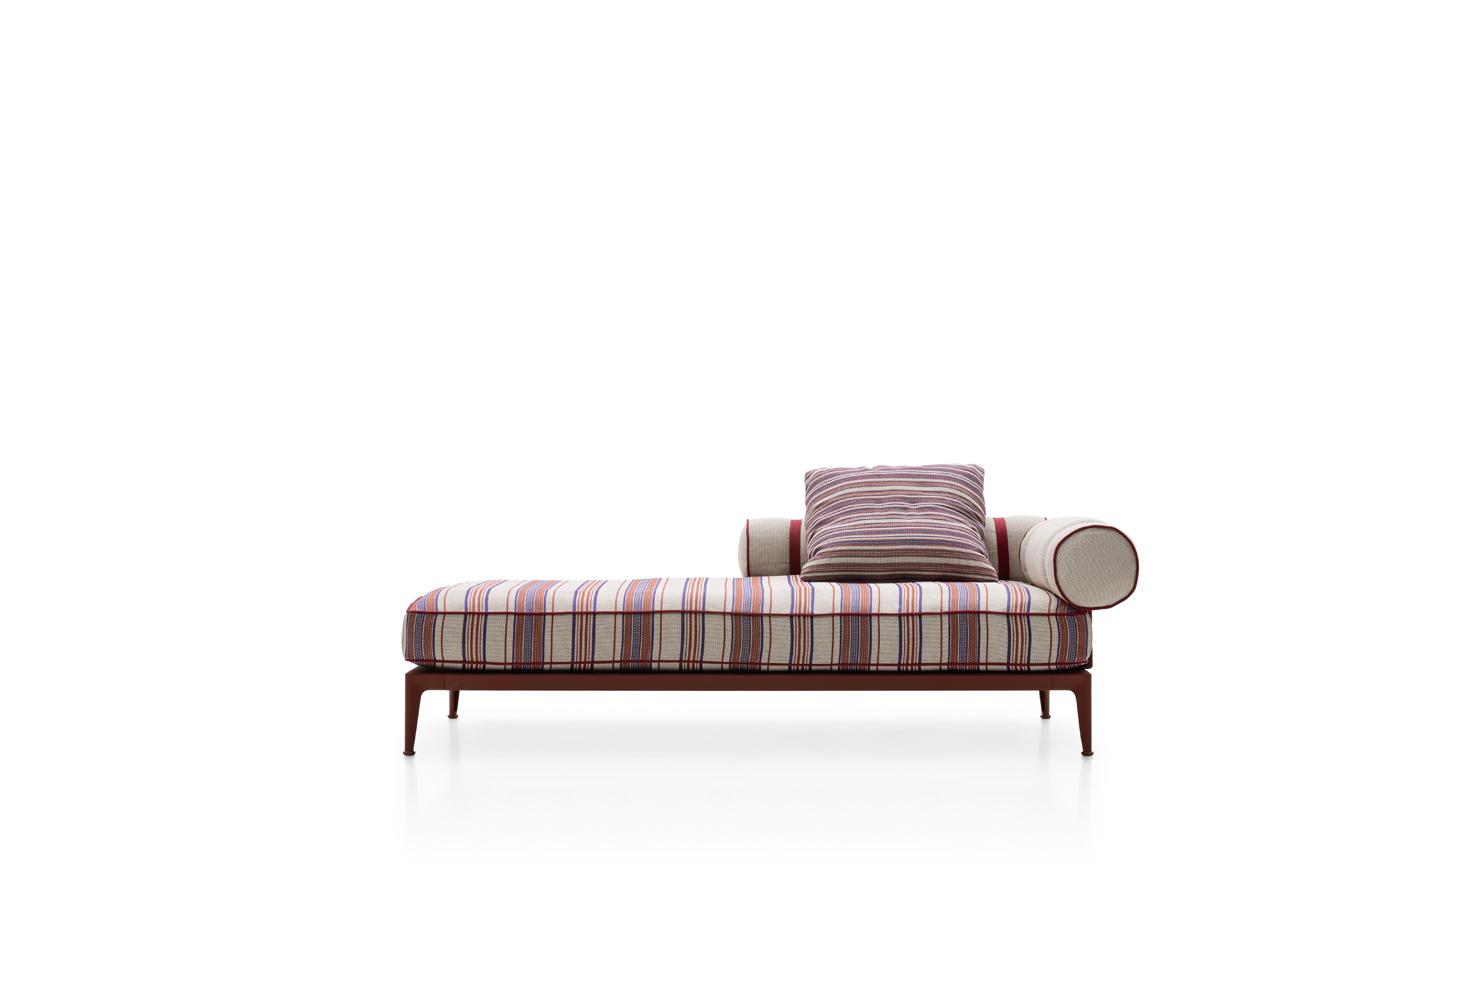 Ribes_chaise-longue.jpg